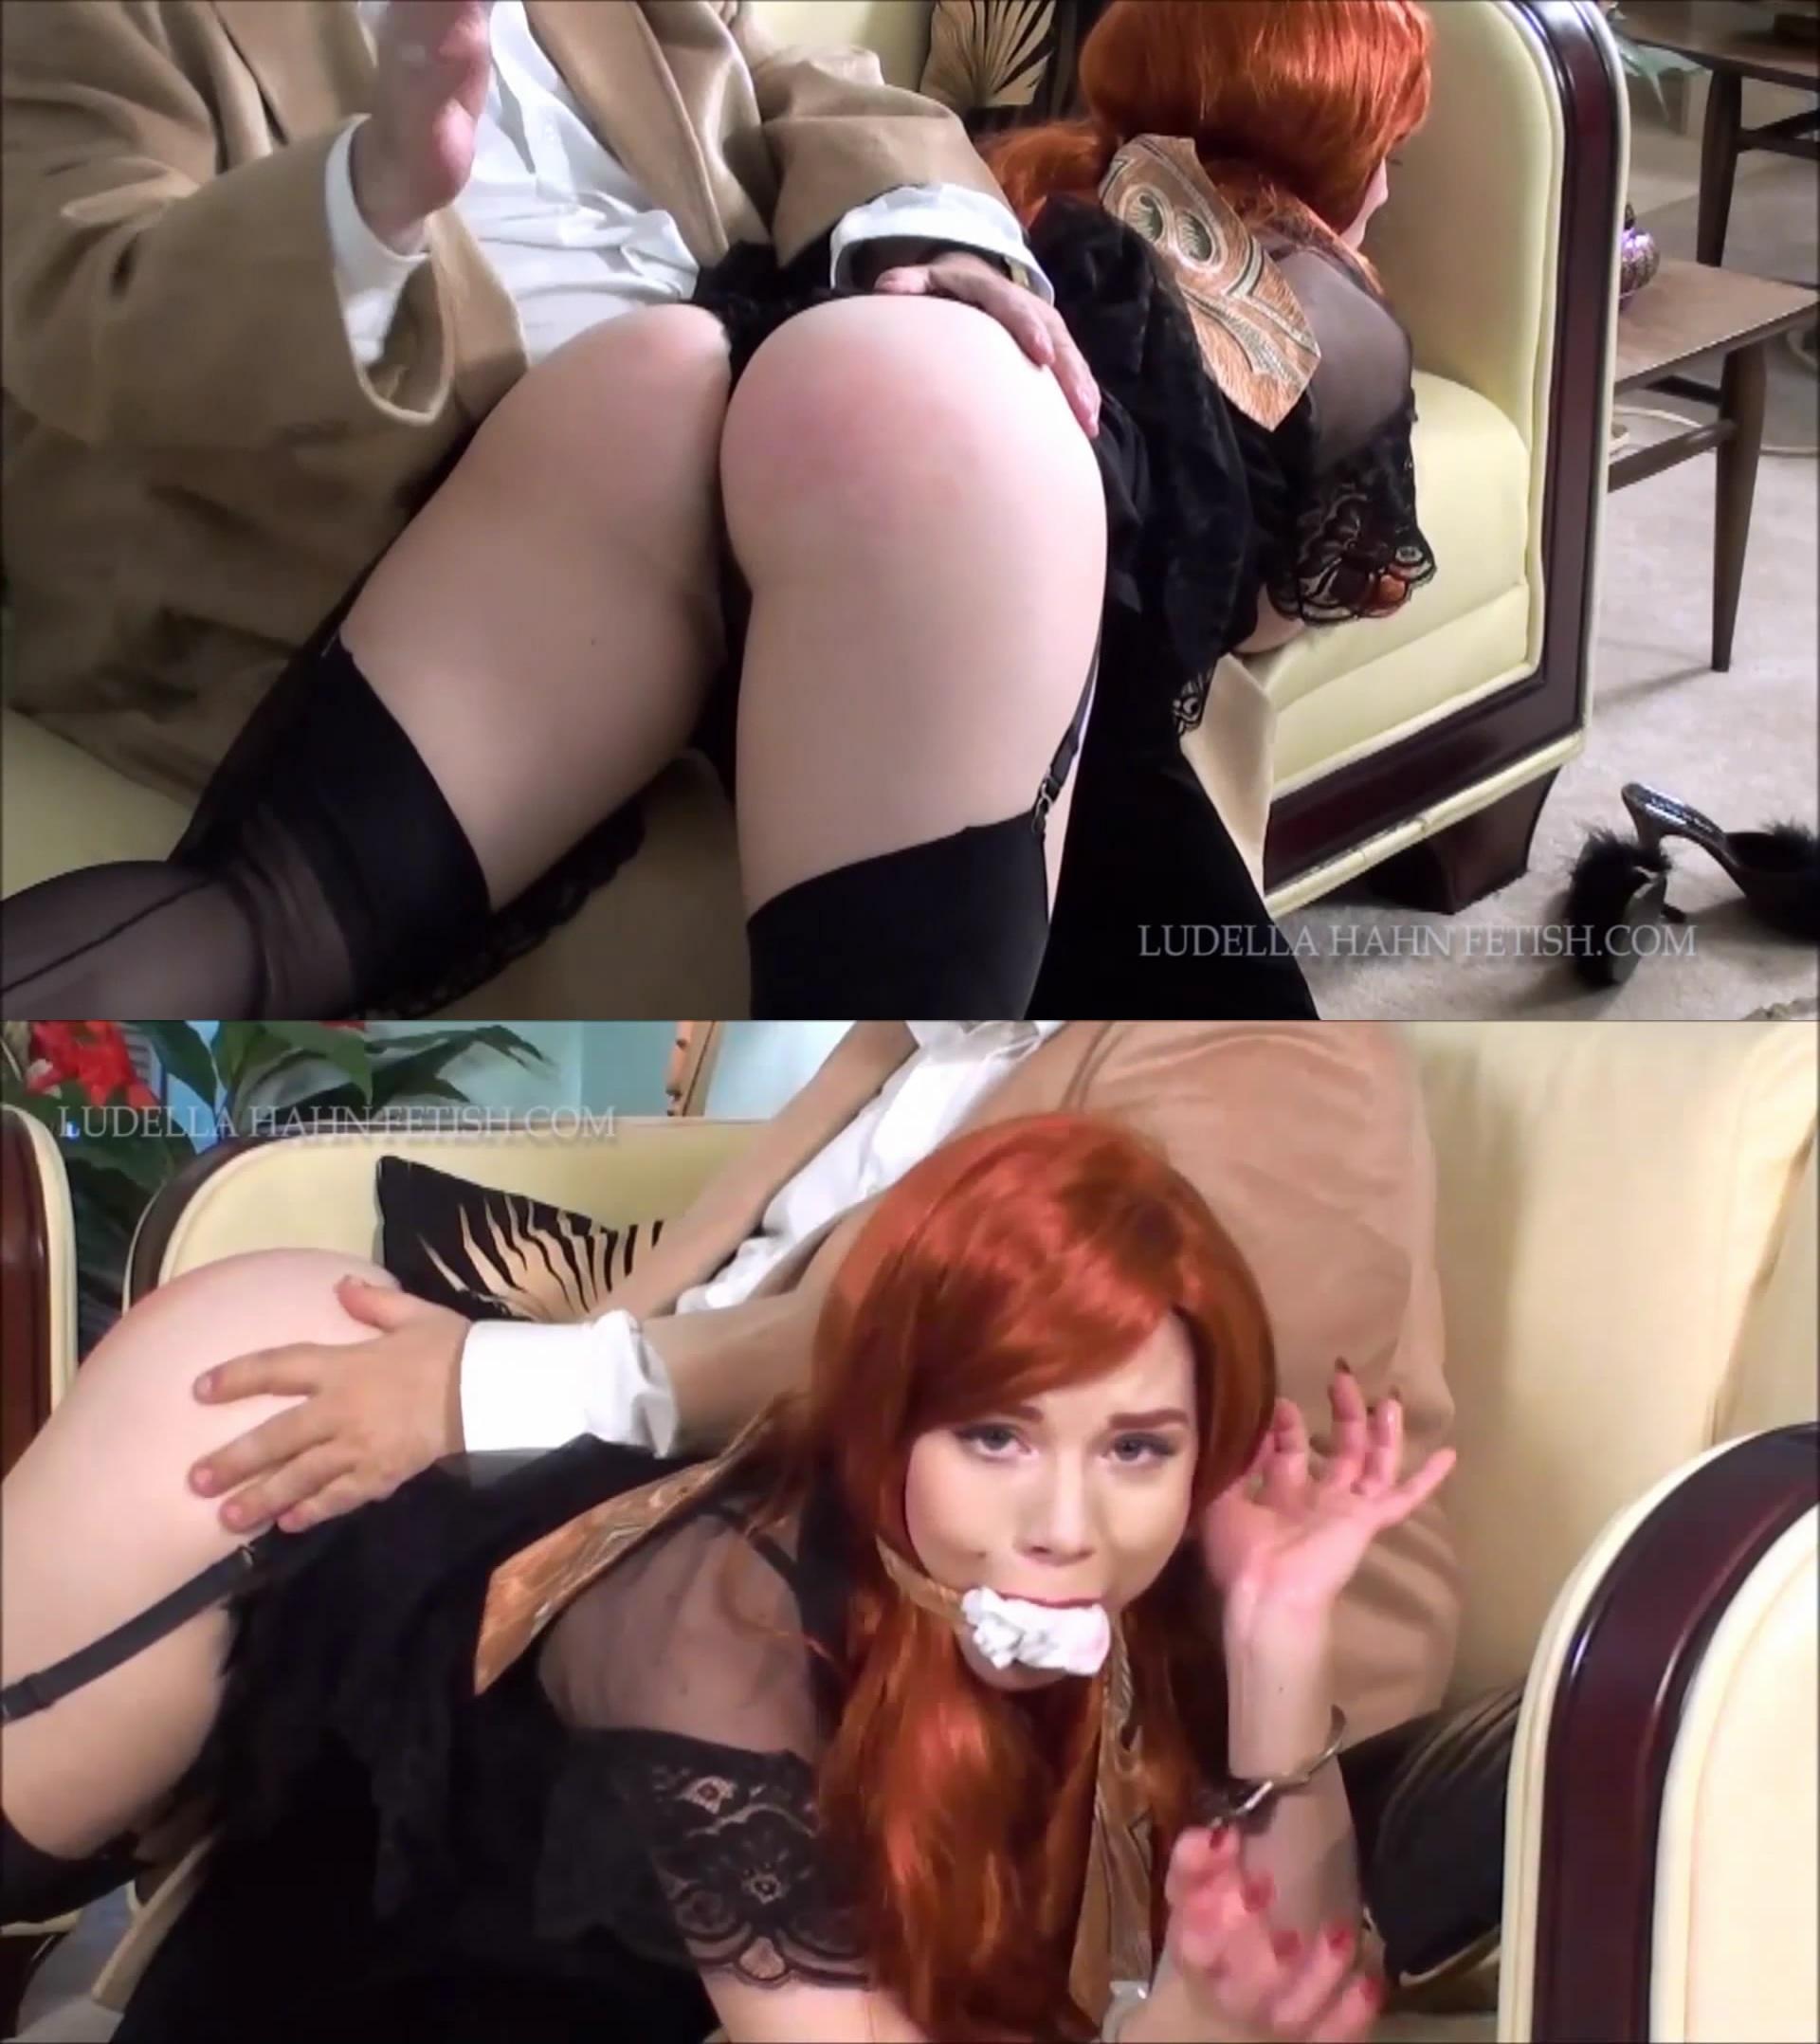 Ludella Hahn – Fetish Confidential!